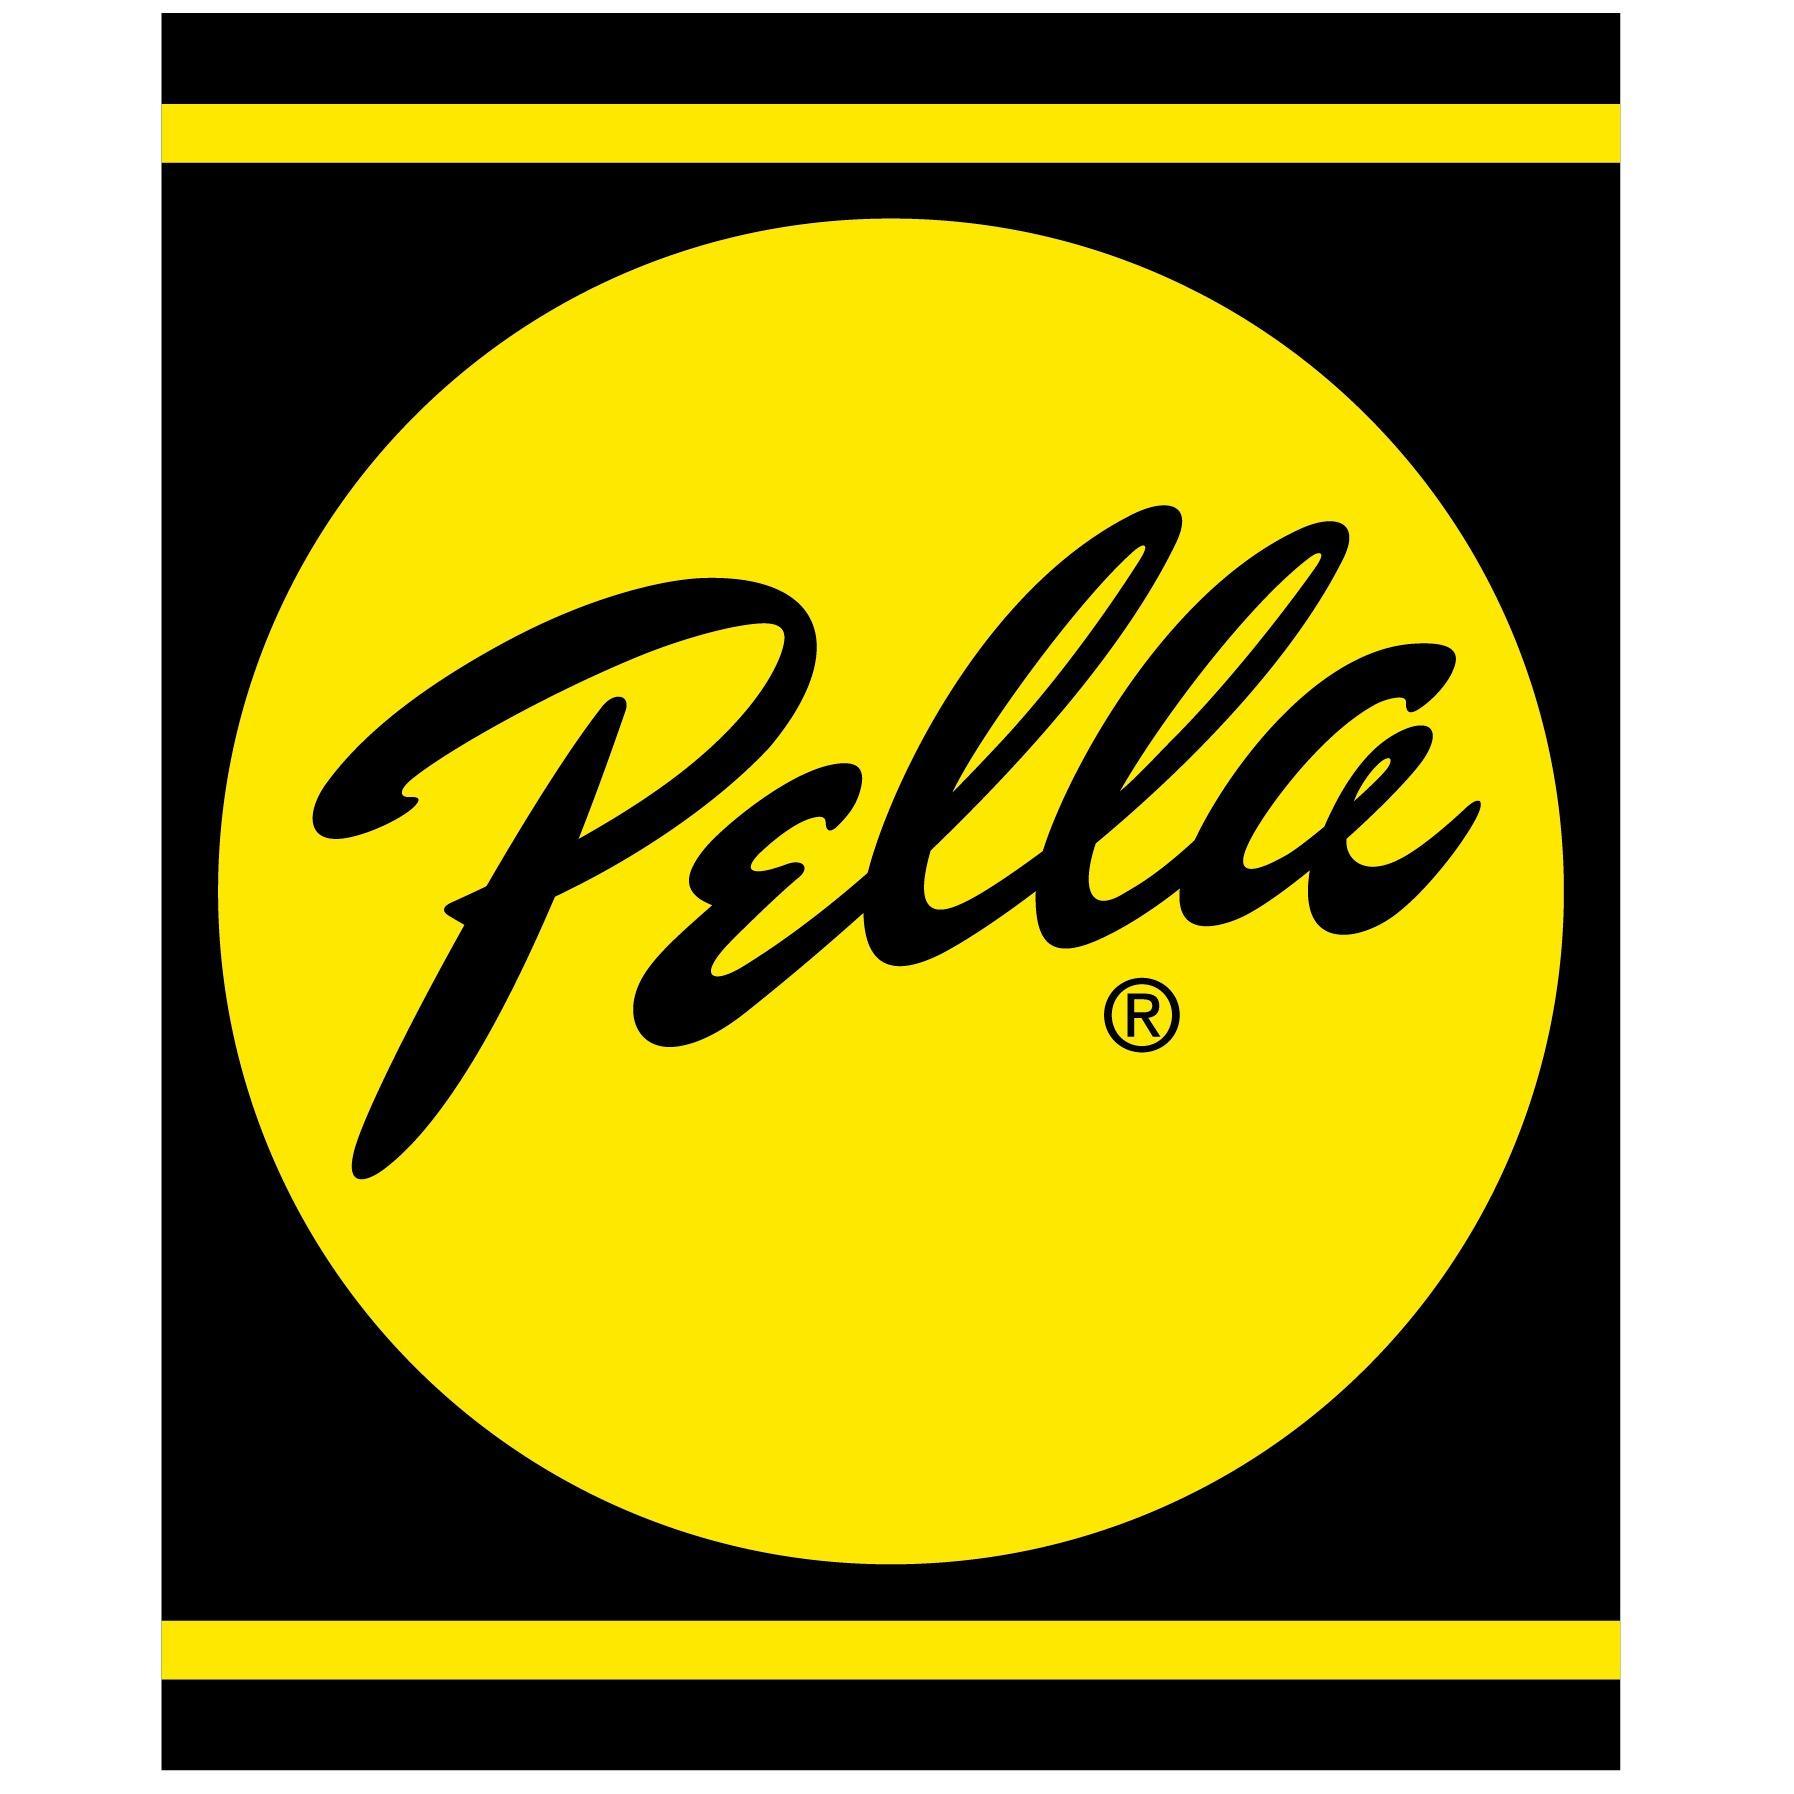 Pella Windows and Doors of Seekonk